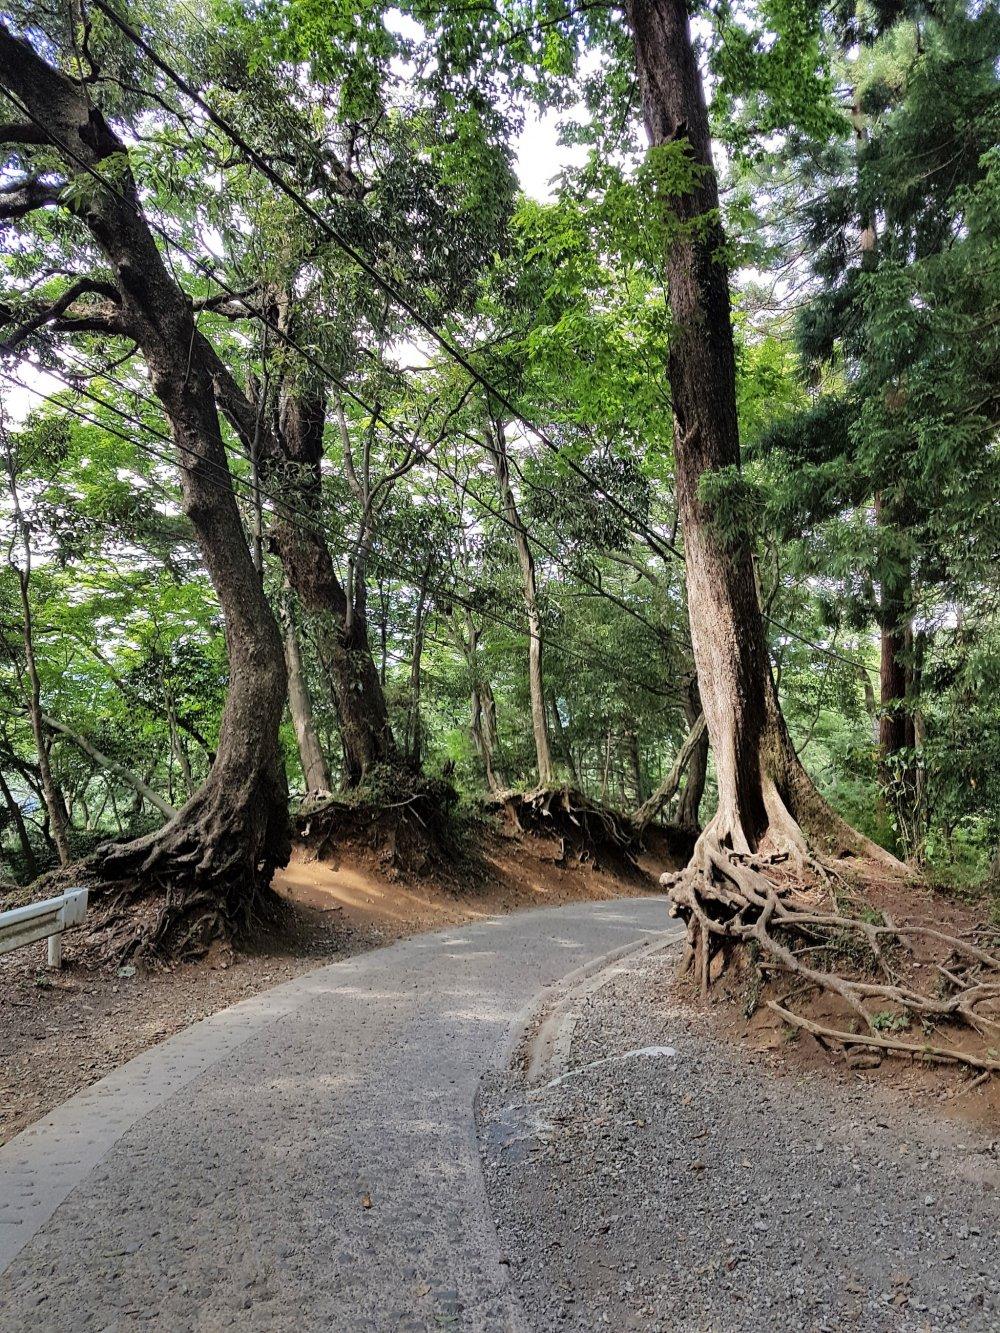 ต้นสนญี่ปุ่นหรือต้นซุกิบางต้นมีรากโผล่ขึ้นมาเหนือดิน คนญี่ปุ่นจึงให้ชื่อว่า'ทะคะโอะ-ซุกิ' (Tako-sugi) หรือต้นสนปลาหมึกยักษ์